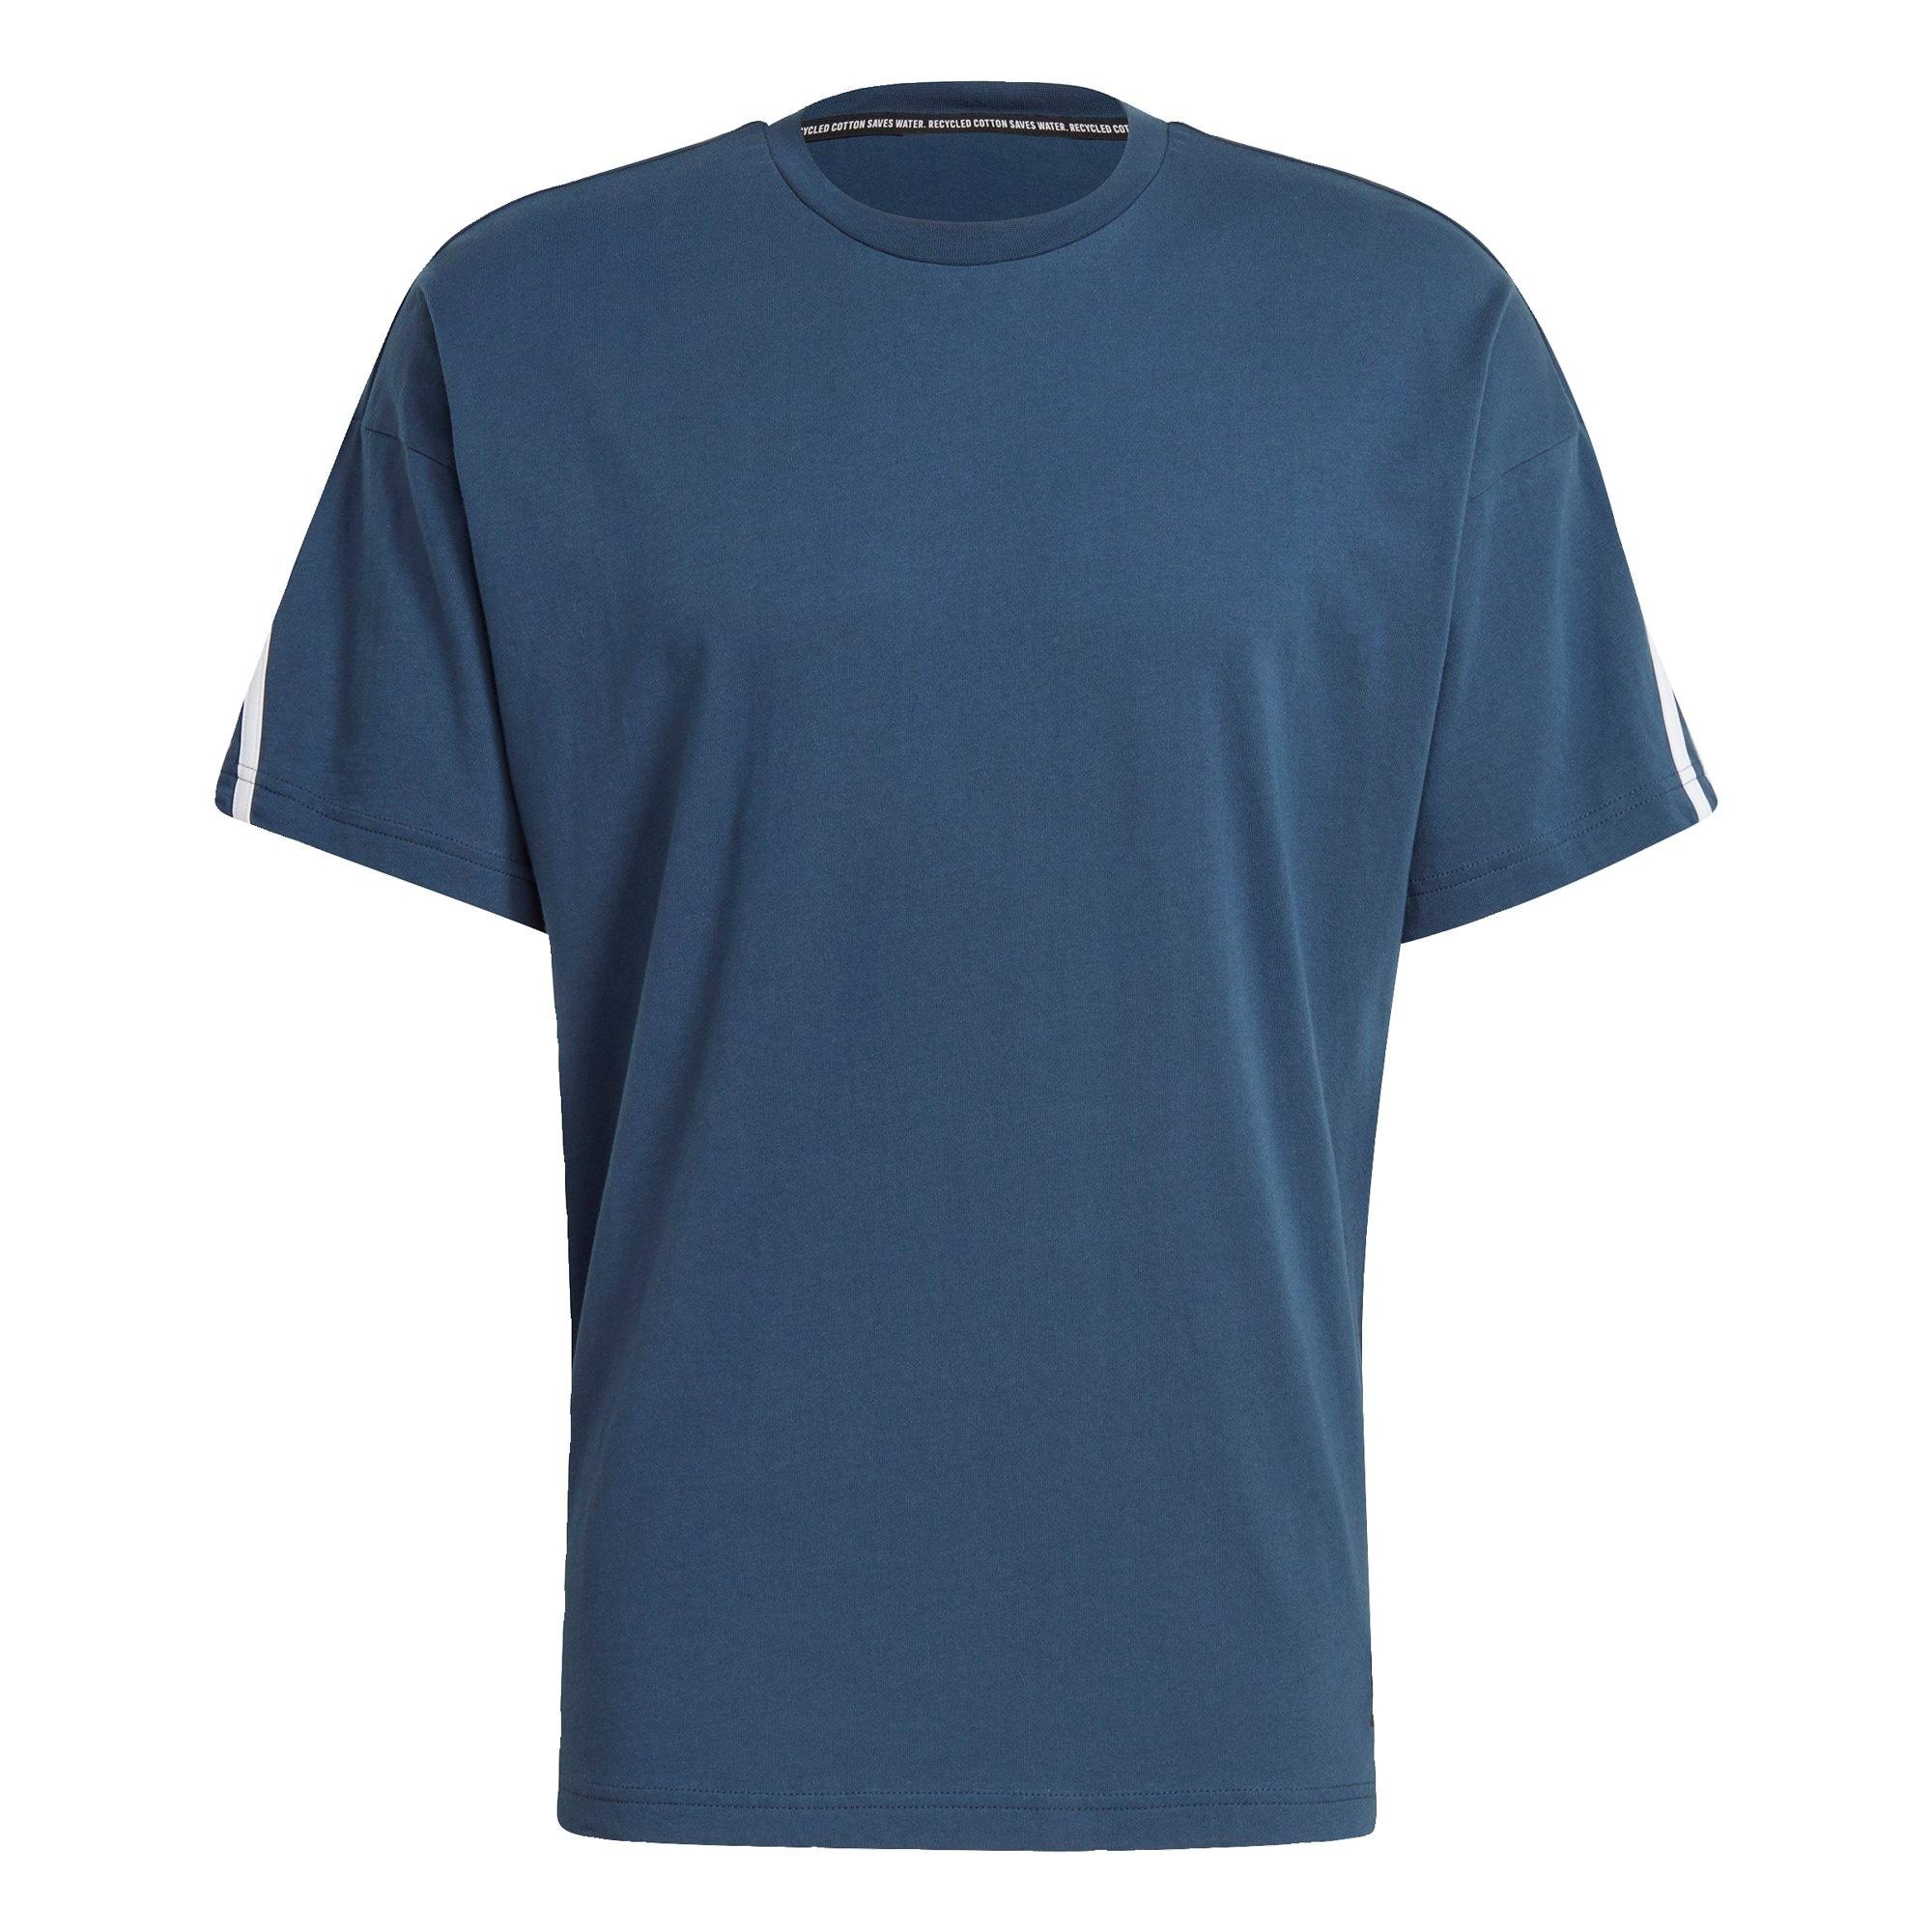 ADIDAS PERFORMANCE Funkční tričko  bílá / námořnická modř / černá